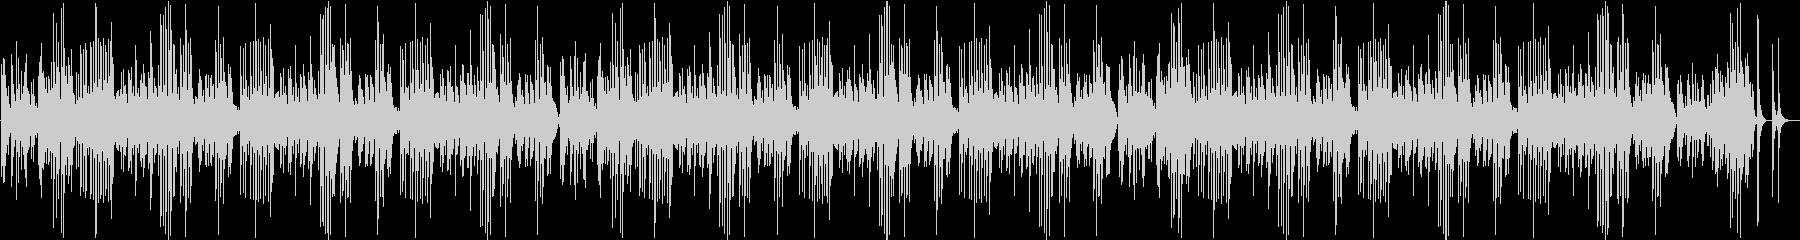 童謡「ひなまつり」のオルゴールによる演奏の未再生の波形